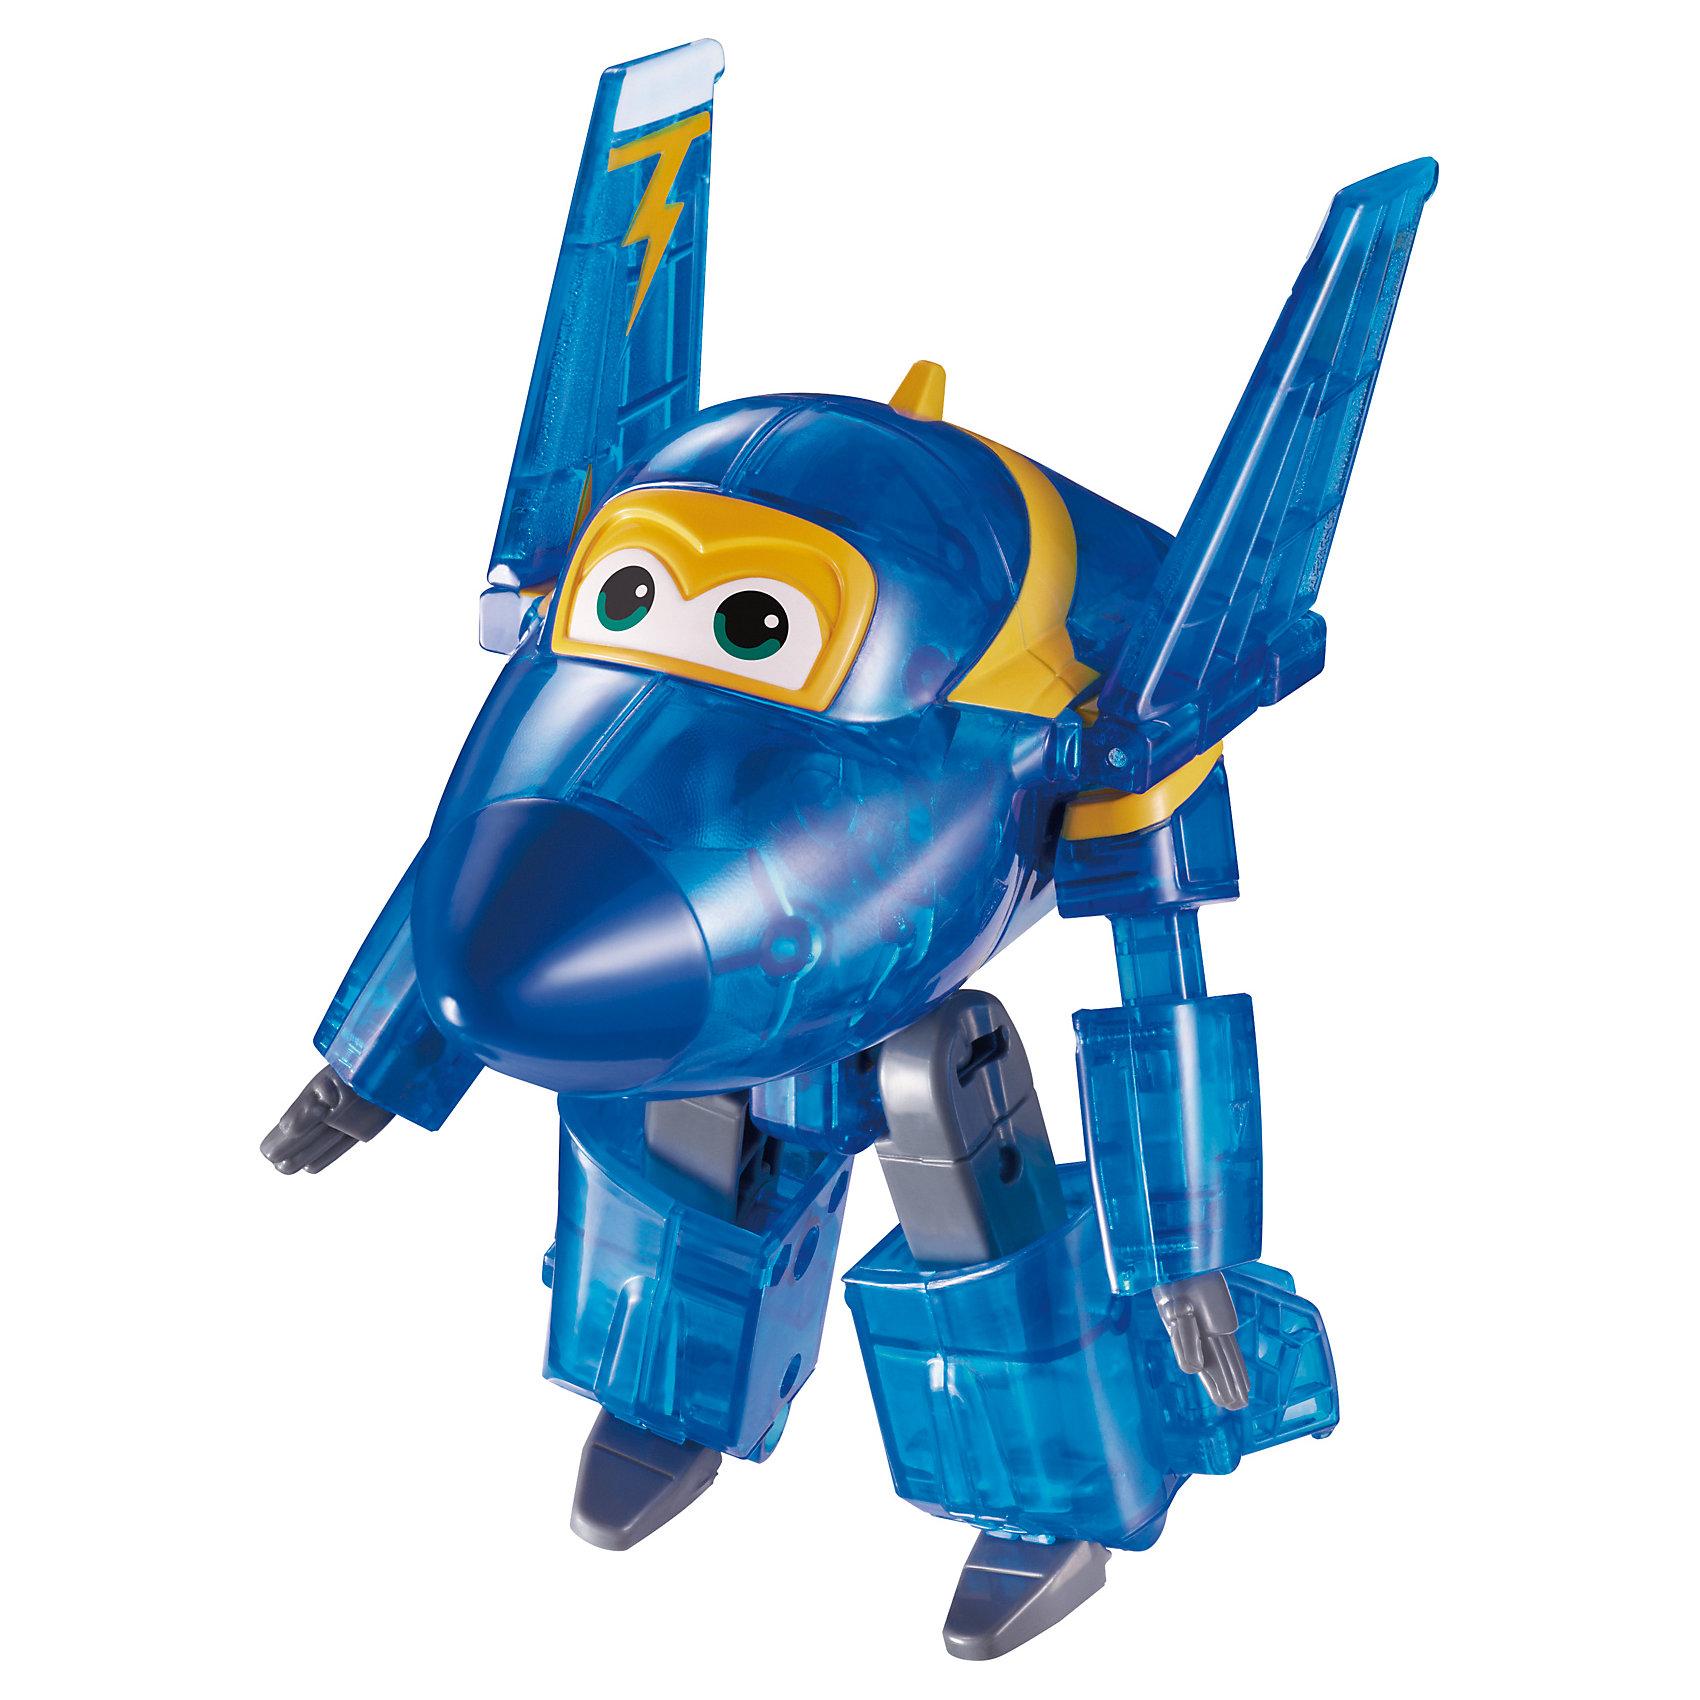 Трансформер Джером, Супер КрыльяИграть с самолетами любит практически каждый ребенок. Сделать игру ярче и увлекательнее поможет герой популярного мультфильма Супер Крылья, любимого детьми. Игрушка всего за несколько мгновений трансформируется из самолета в робота. К нему можно также фигурки-трансформеры заказать друзей из этого мультфильма! Компактный размер позволит ребенку брать игрушку с собой в гости или на прогулку.                <br>Этот трансформер обязательно порадует ребенка! Игры с ним также помогают детям развивать воображение, логику, мелкую моторику и творческое мышление. Самолет сделан из качественных и безопасных для ребенка материалов.<br><br>Дополнительная информация:<br><br>цвет: разноцветный;<br>размер упаковки: 13 х 16 х 7 см;<br>вес: 400 г;<br>материал: пластик.<br><br>Игрушку Трансформер Джером можно купить в нашем магазине.<br><br>Ширина мм: 130<br>Глубина мм: 160<br>Высота мм: 70<br>Вес г: 400<br>Возраст от месяцев: 36<br>Возраст до месяцев: 2147483647<br>Пол: Мужской<br>Возраст: Детский<br>SKU: 4918777